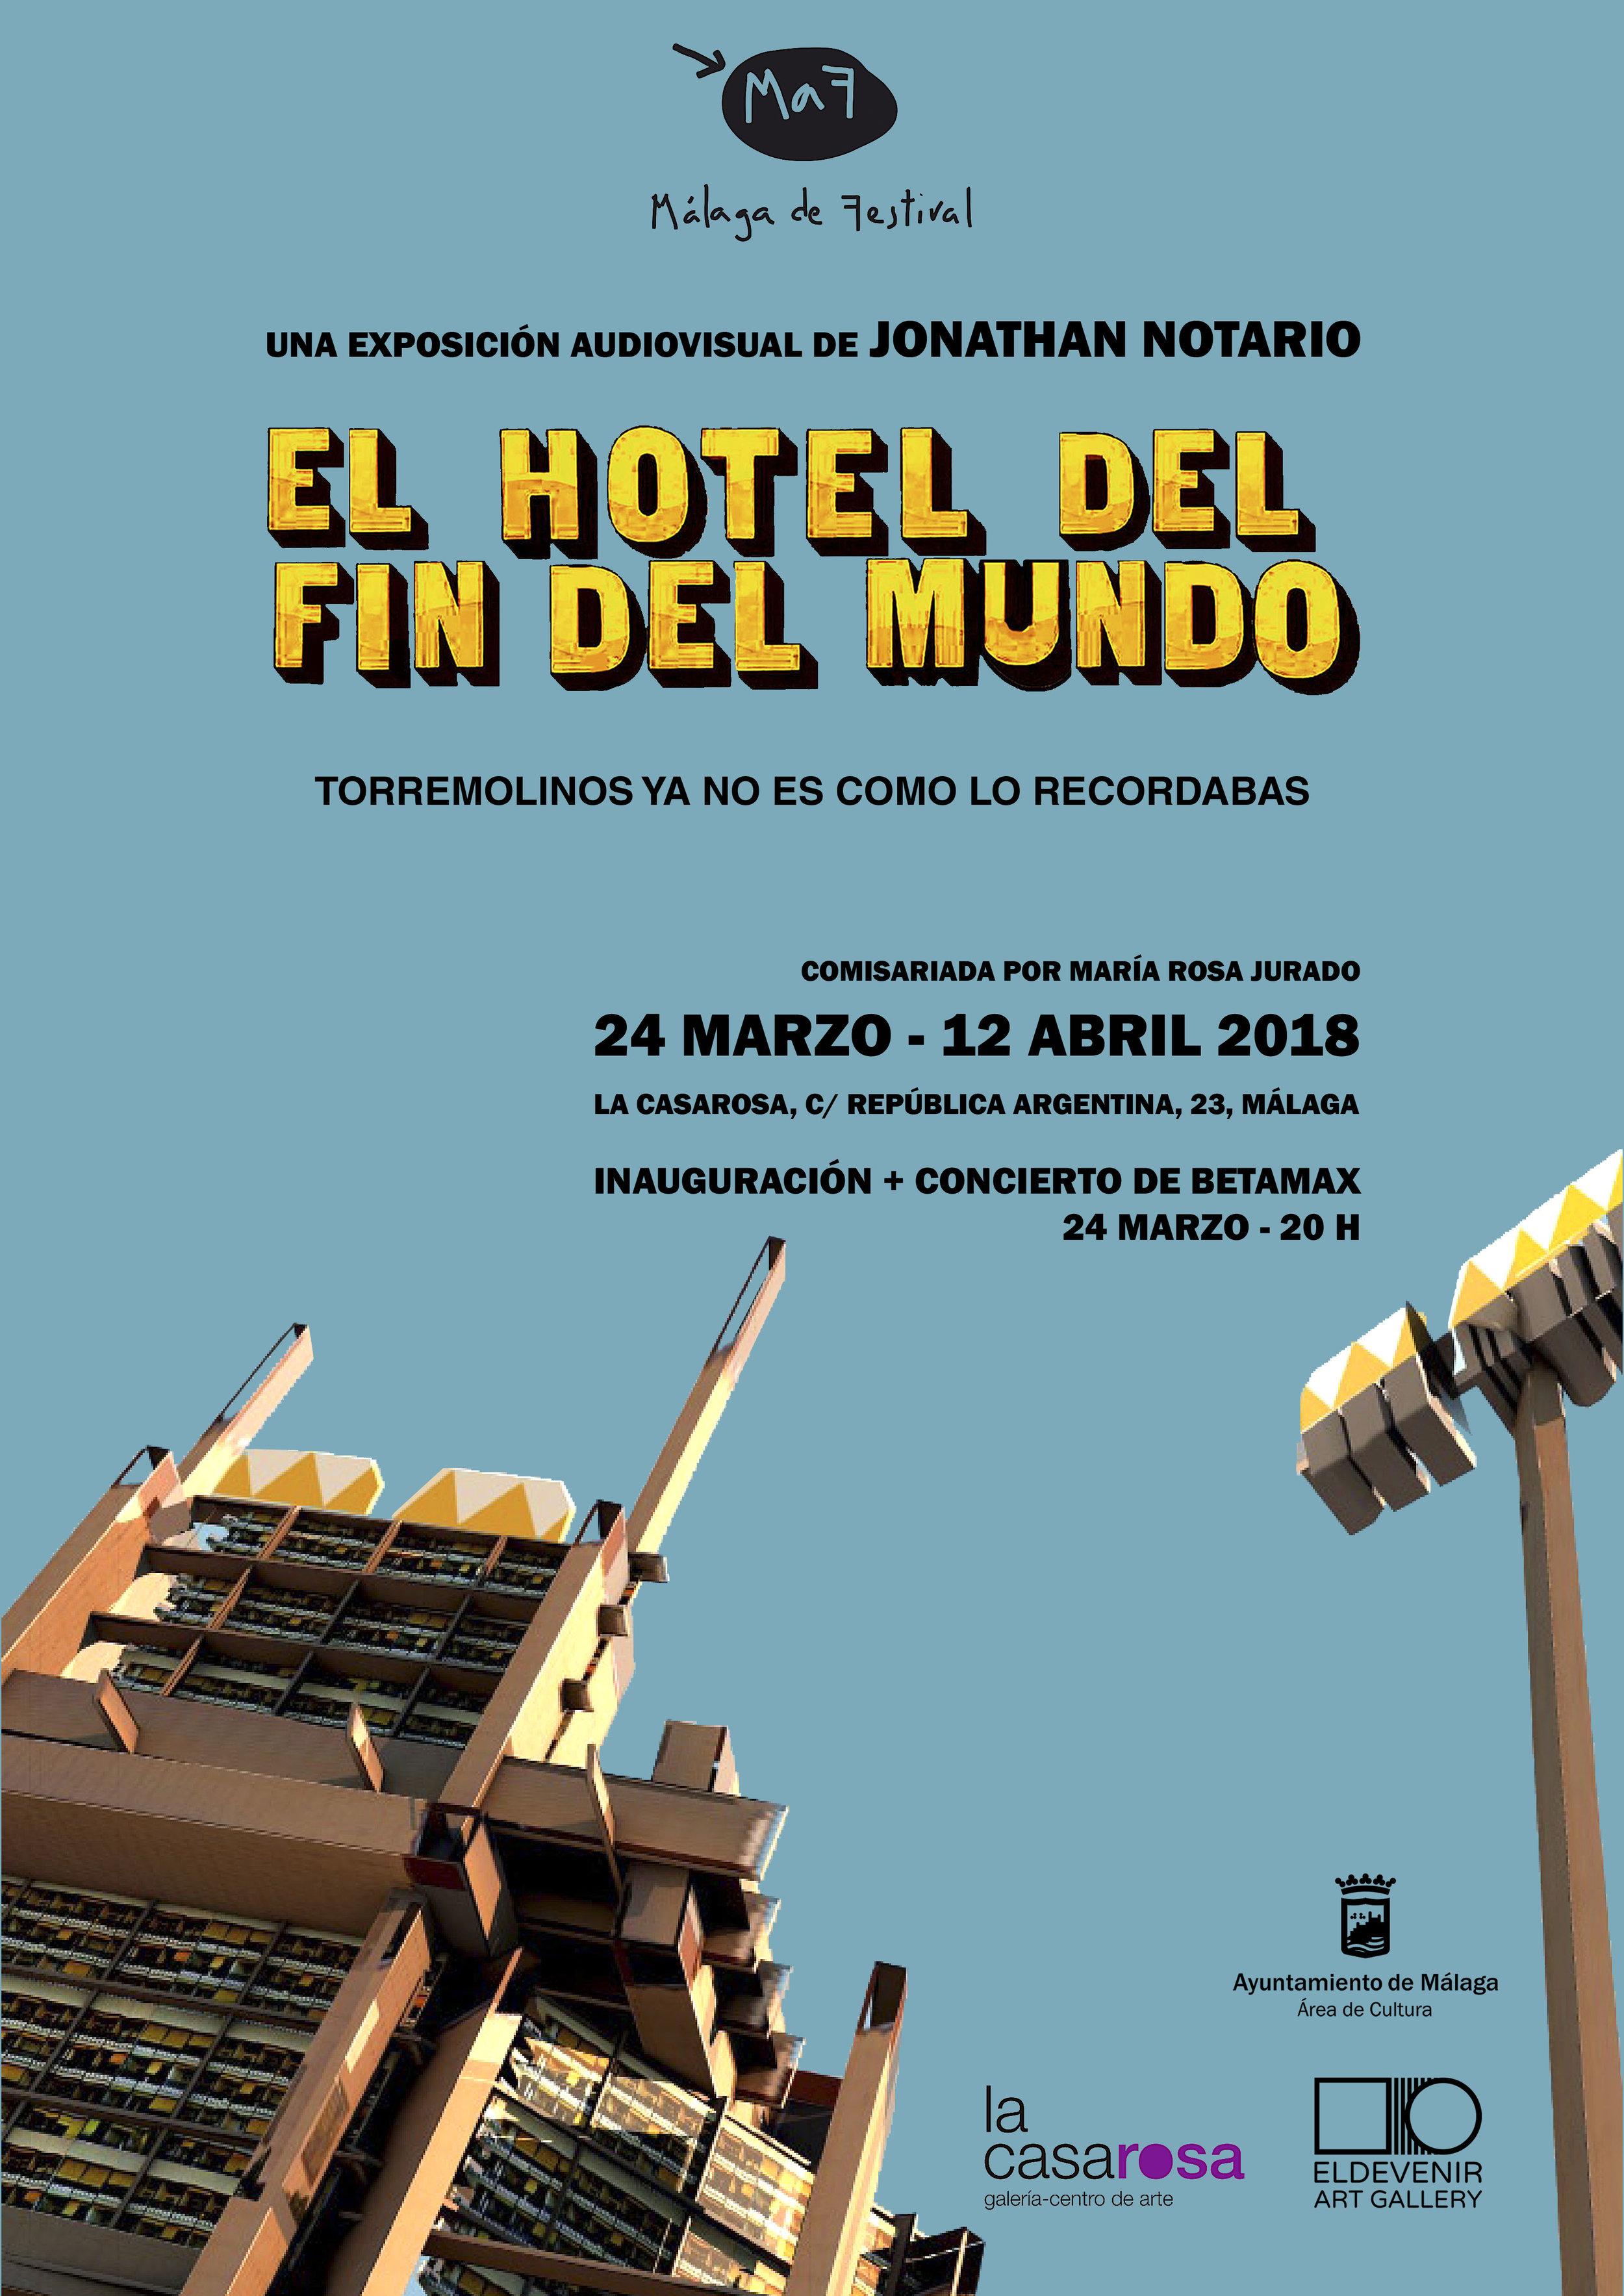 low-cartel-el-hotel-del-fin-del-mundo-jonathan-notario-eldevenir-art-gallery-maf-2018.jpg